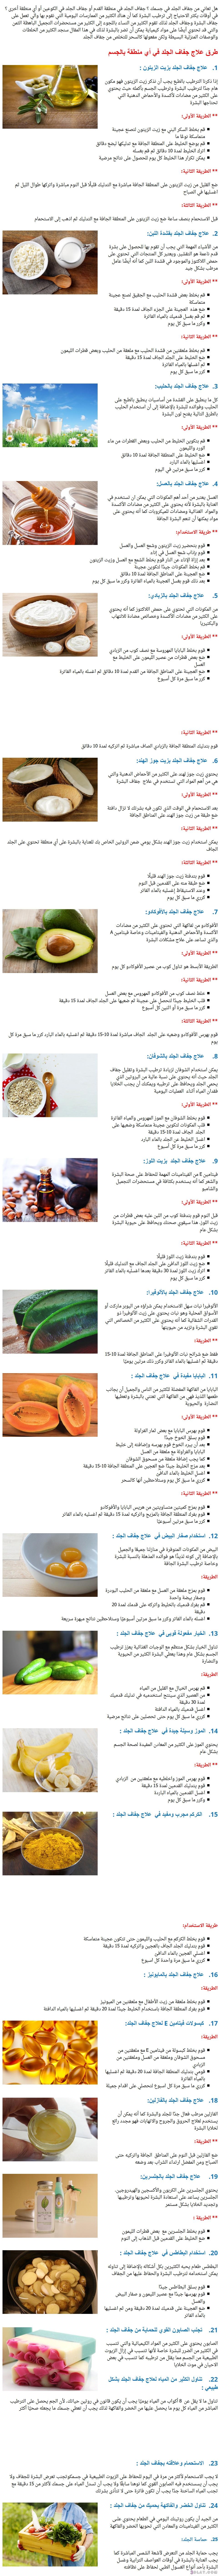 أعالج جفاف البشرة 3dlat.com_30_18_75c3